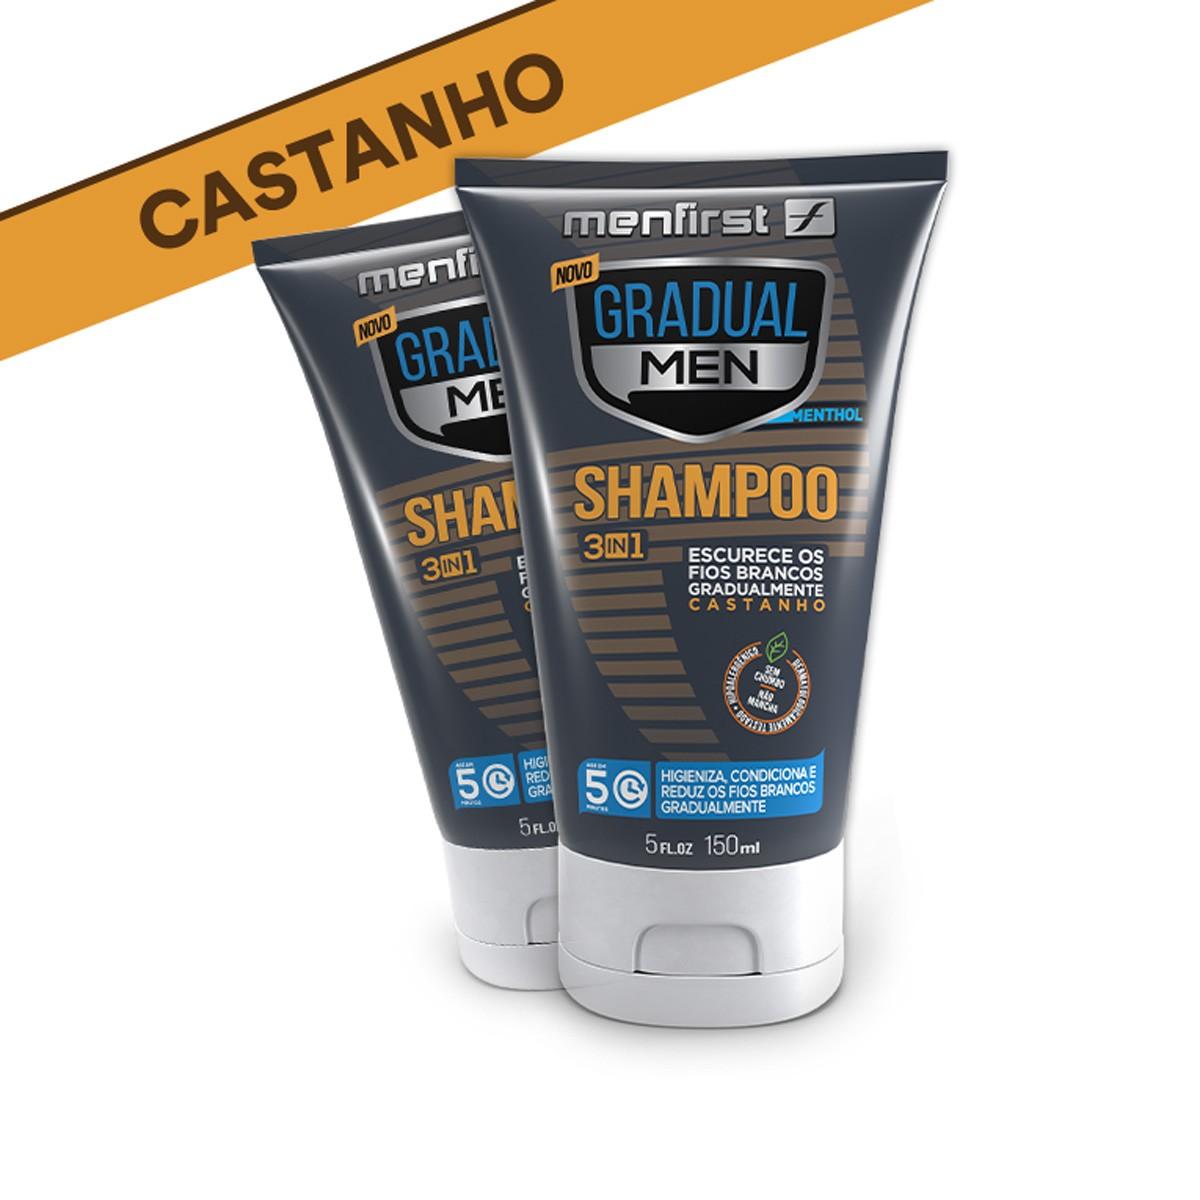 SHAMPOO GRADUAL MEN CASTANHO - CABELO (2x)